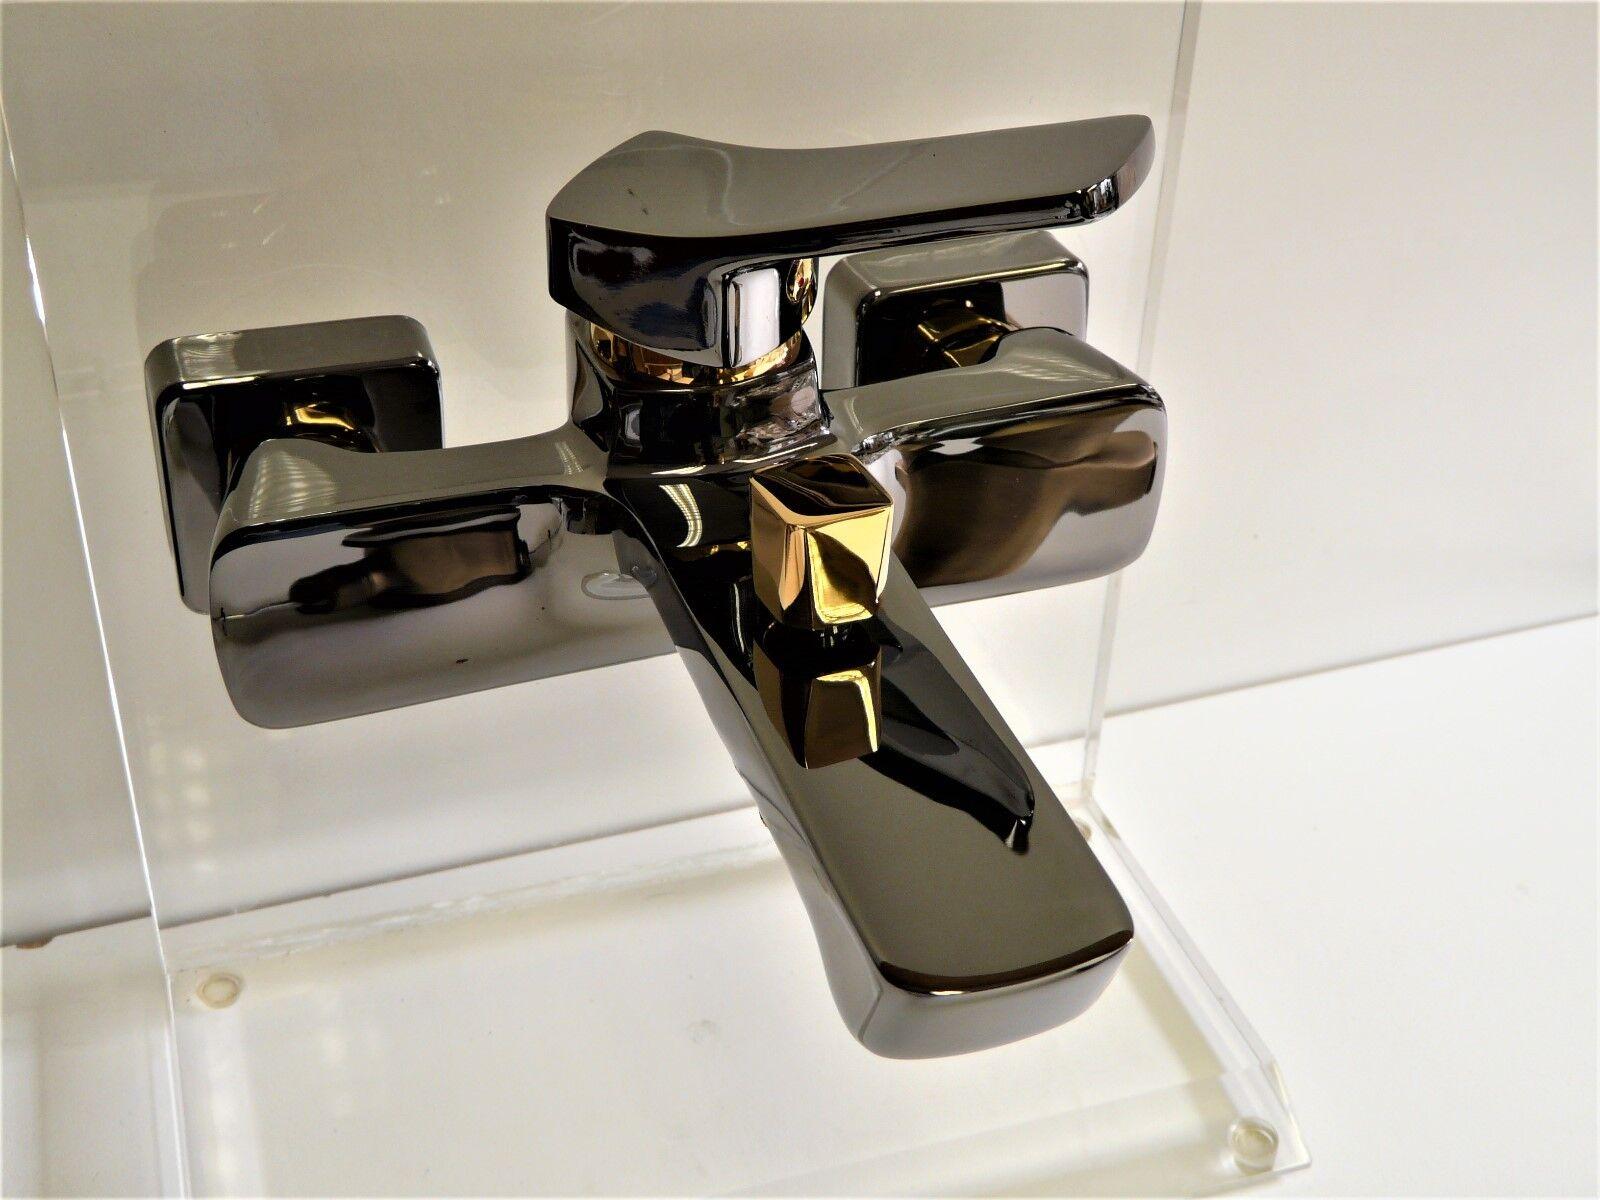 Wannenarmatur Aranja/Gold (24 Karat), Wannenbatterie, Einhebelmischer, Stilo